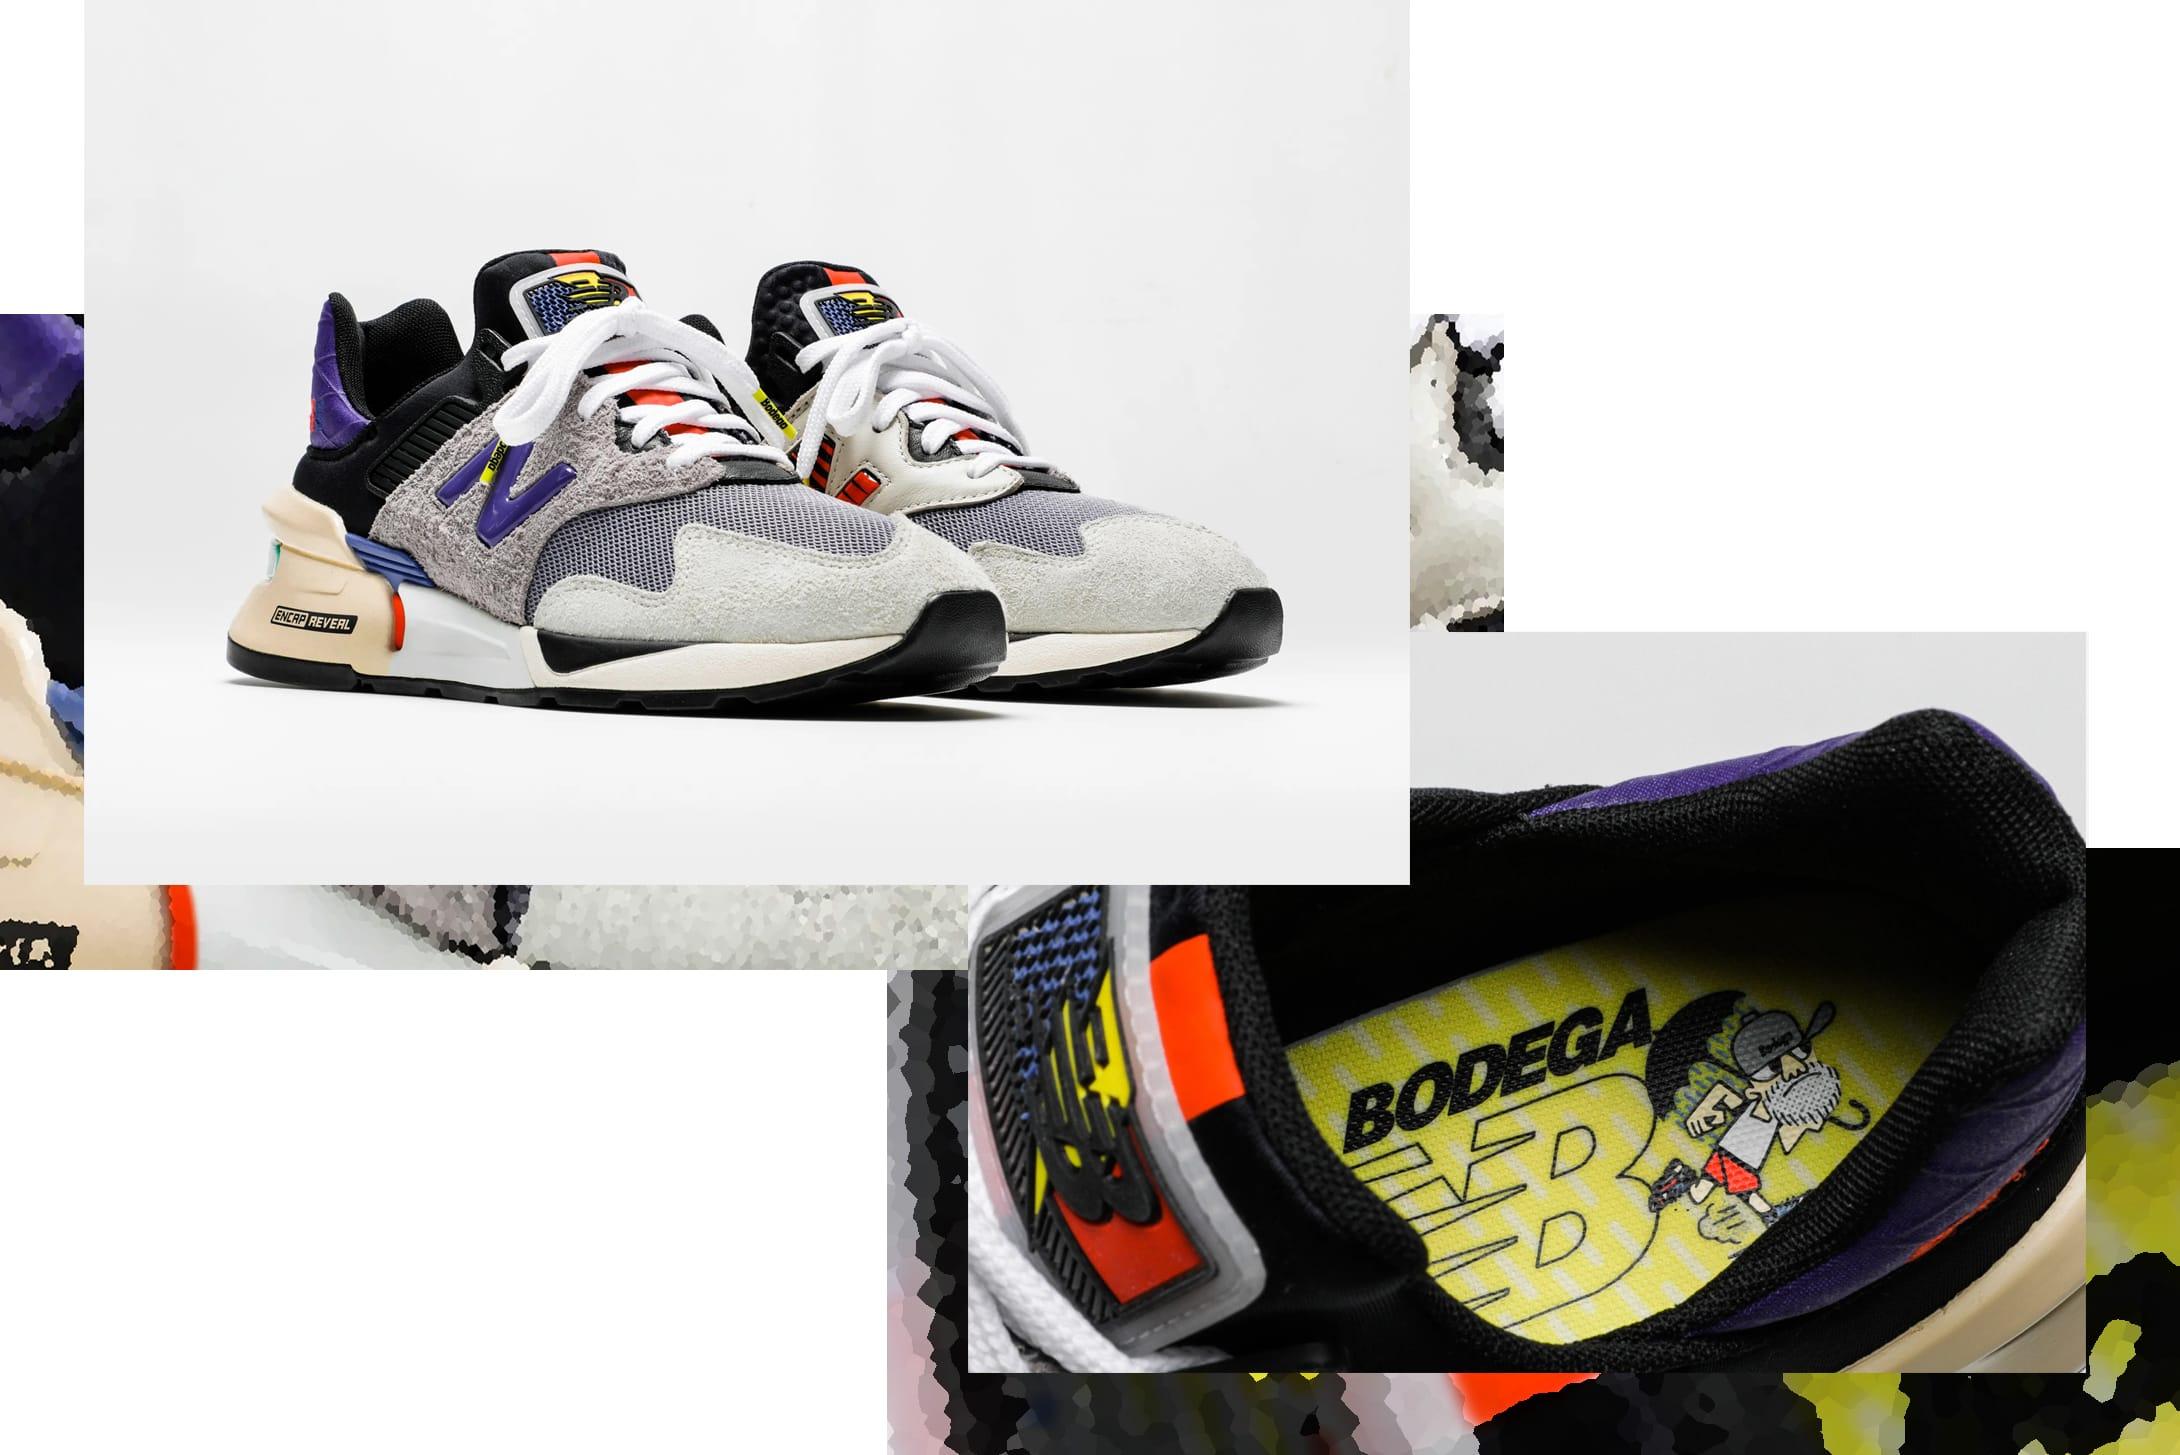 no 1 shoe brand